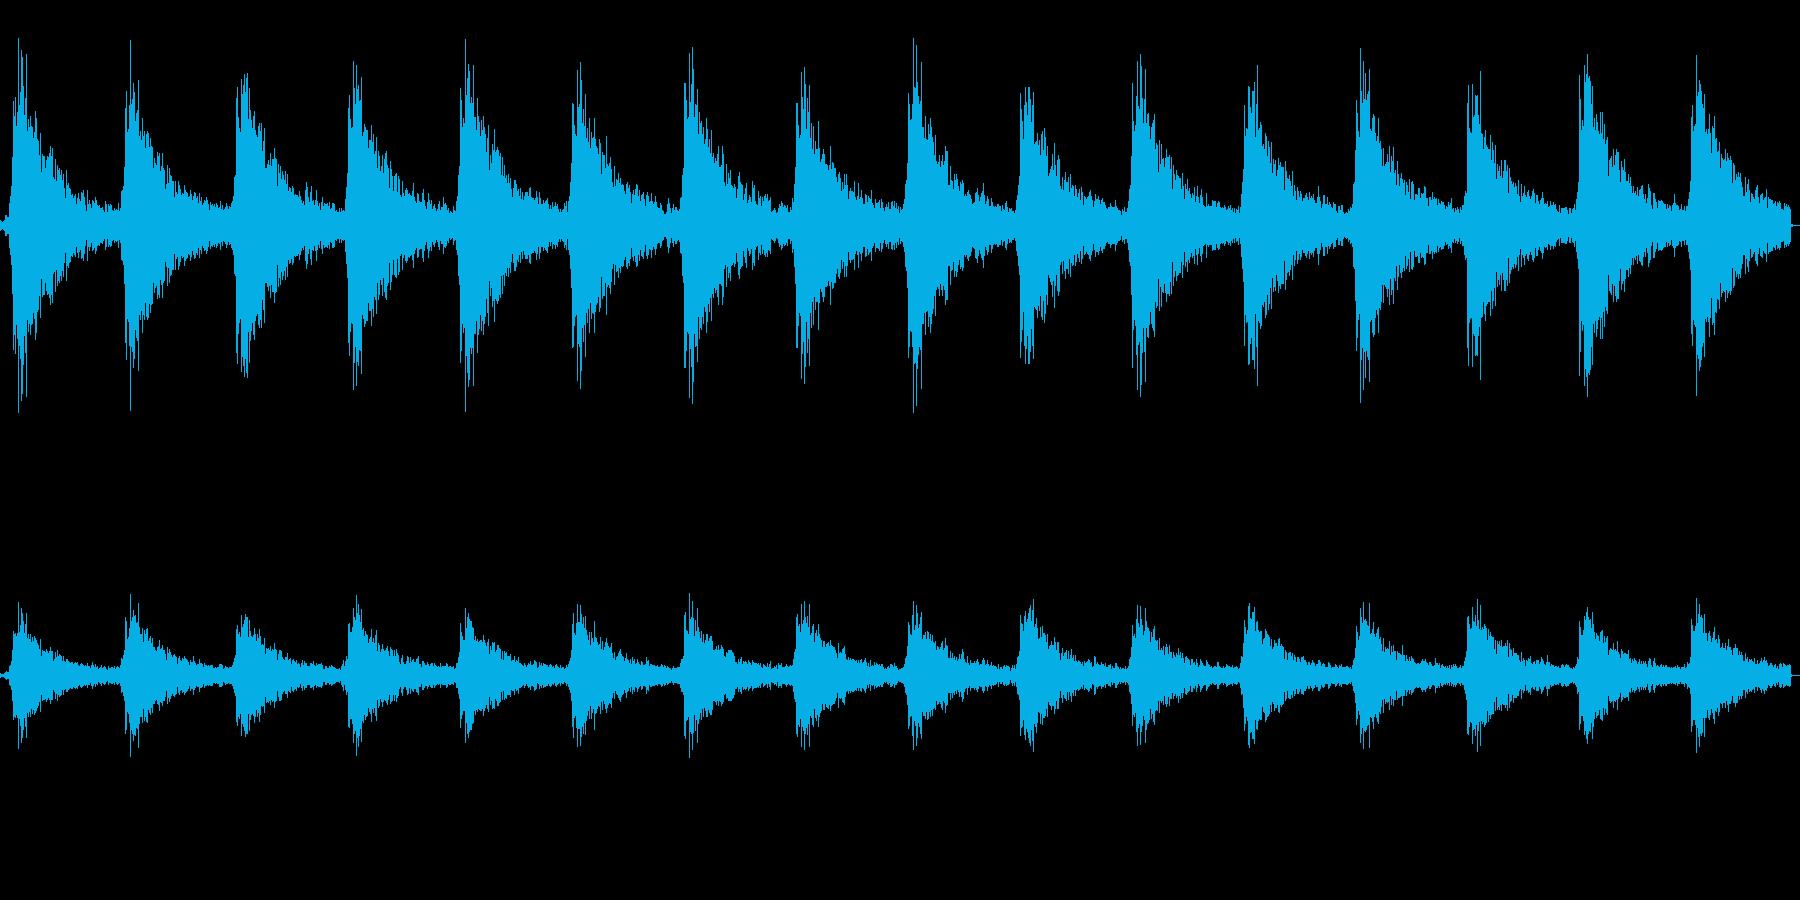 ジングルベル(クリスマスの鈴)の再生済みの波形